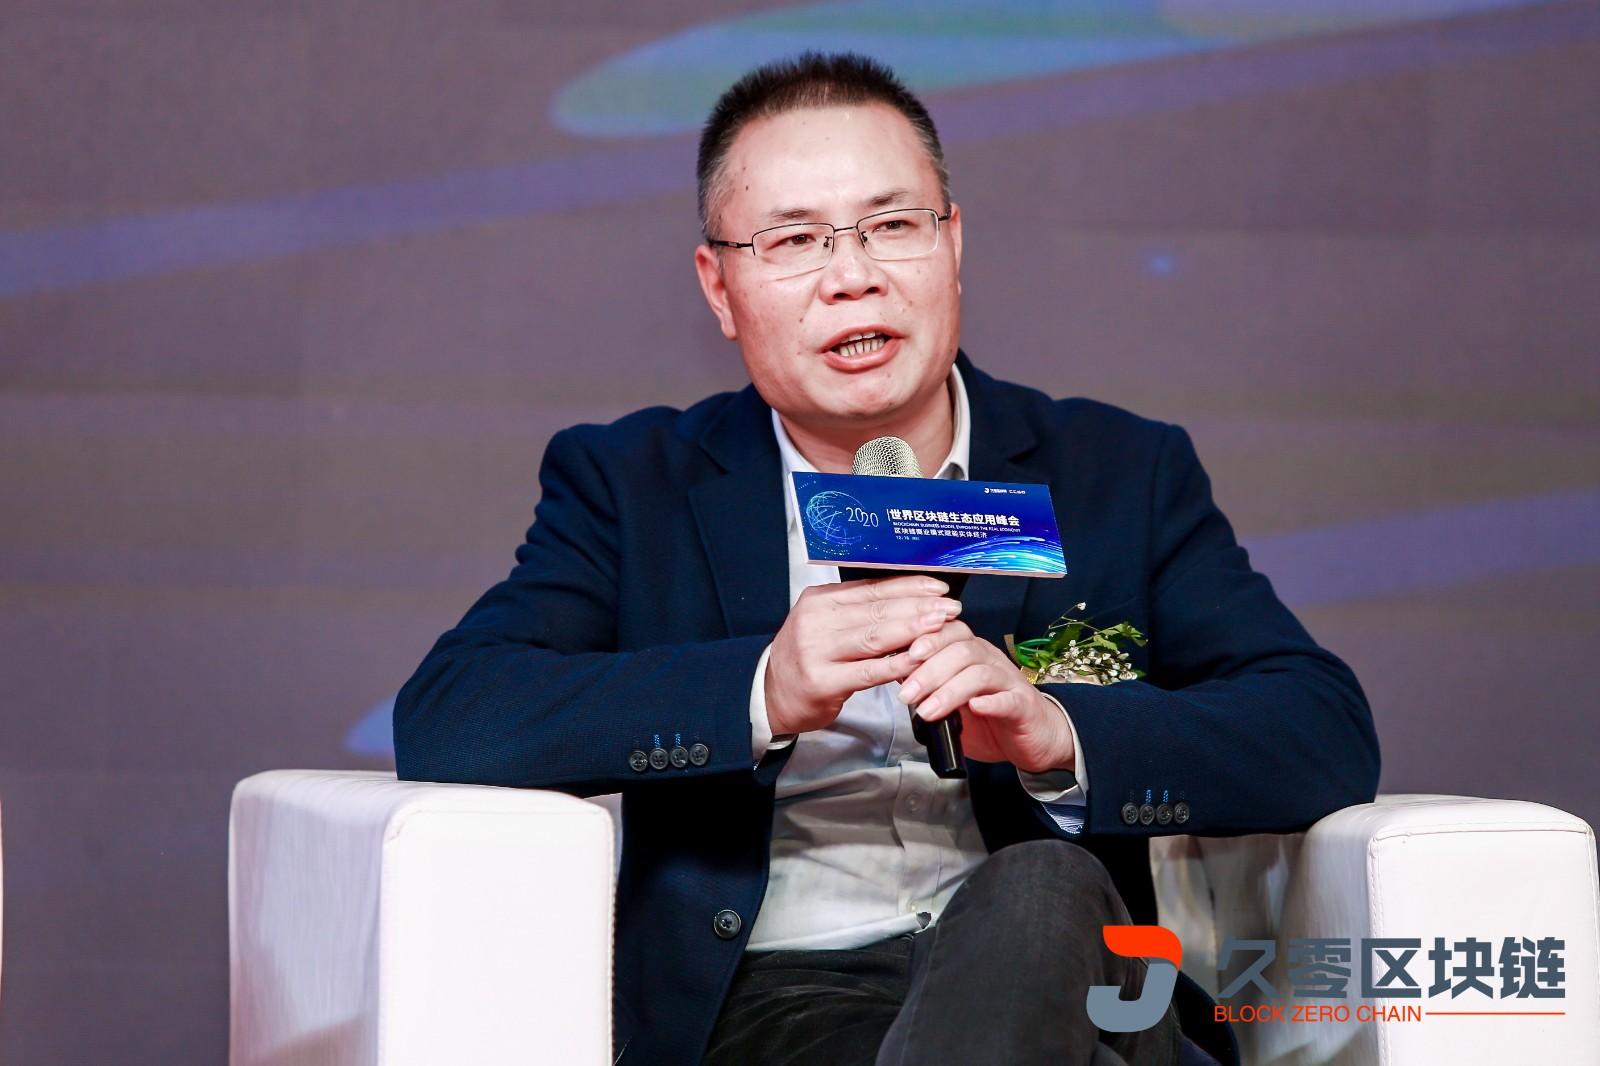 2020年世界区块链生态应用峰会(久零区块链总裁蔡炳铨)